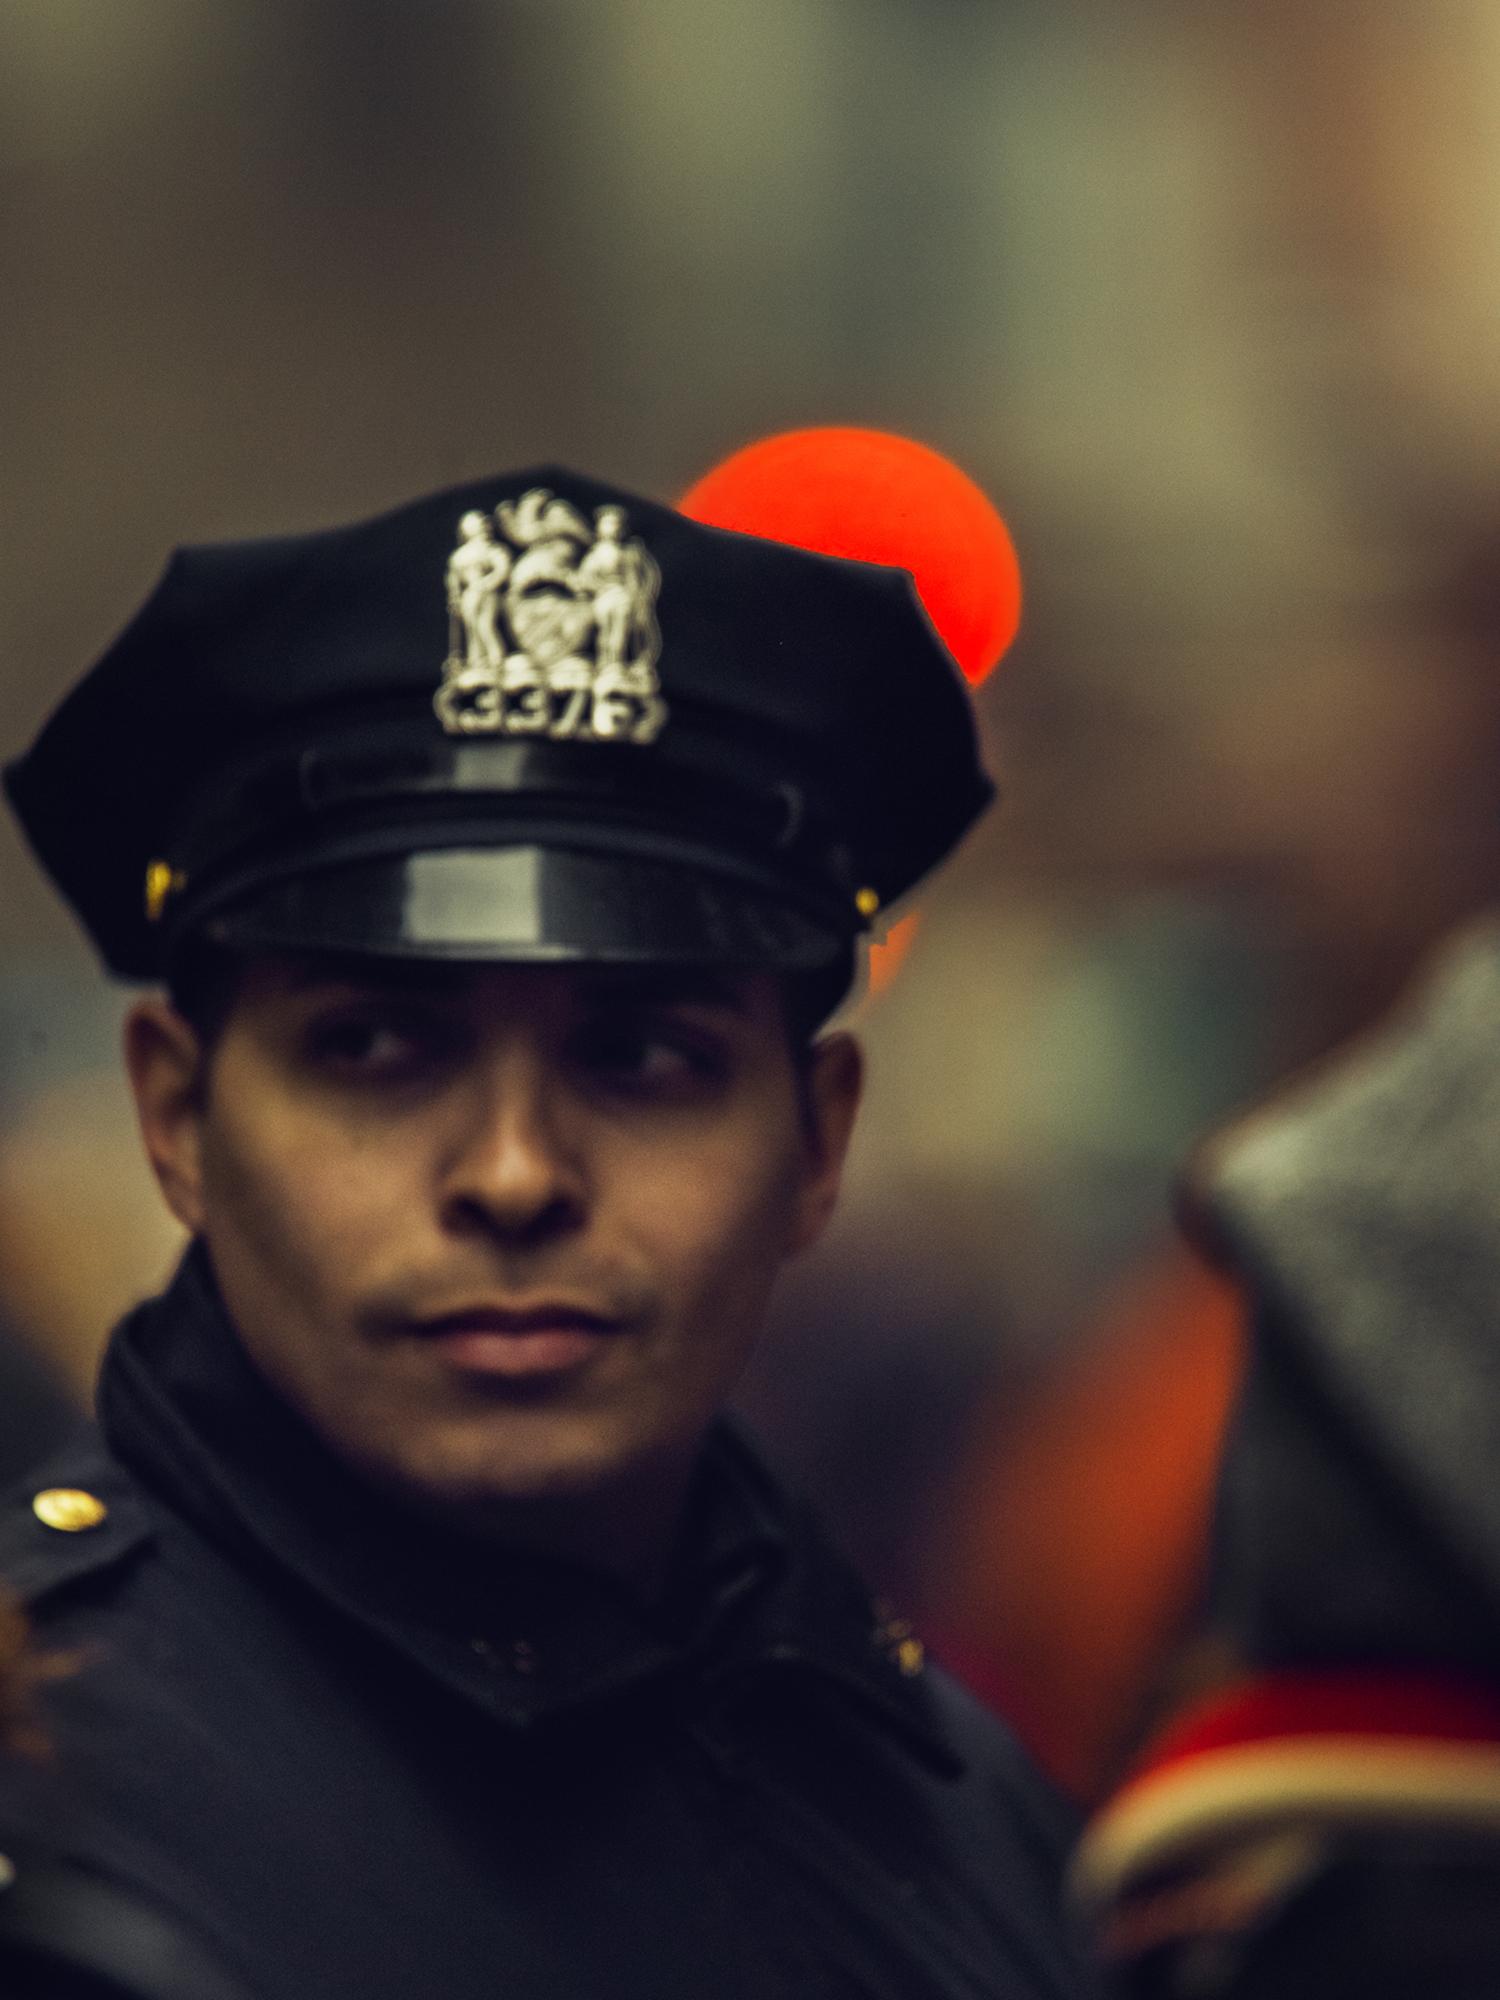 Cop_02.jpg